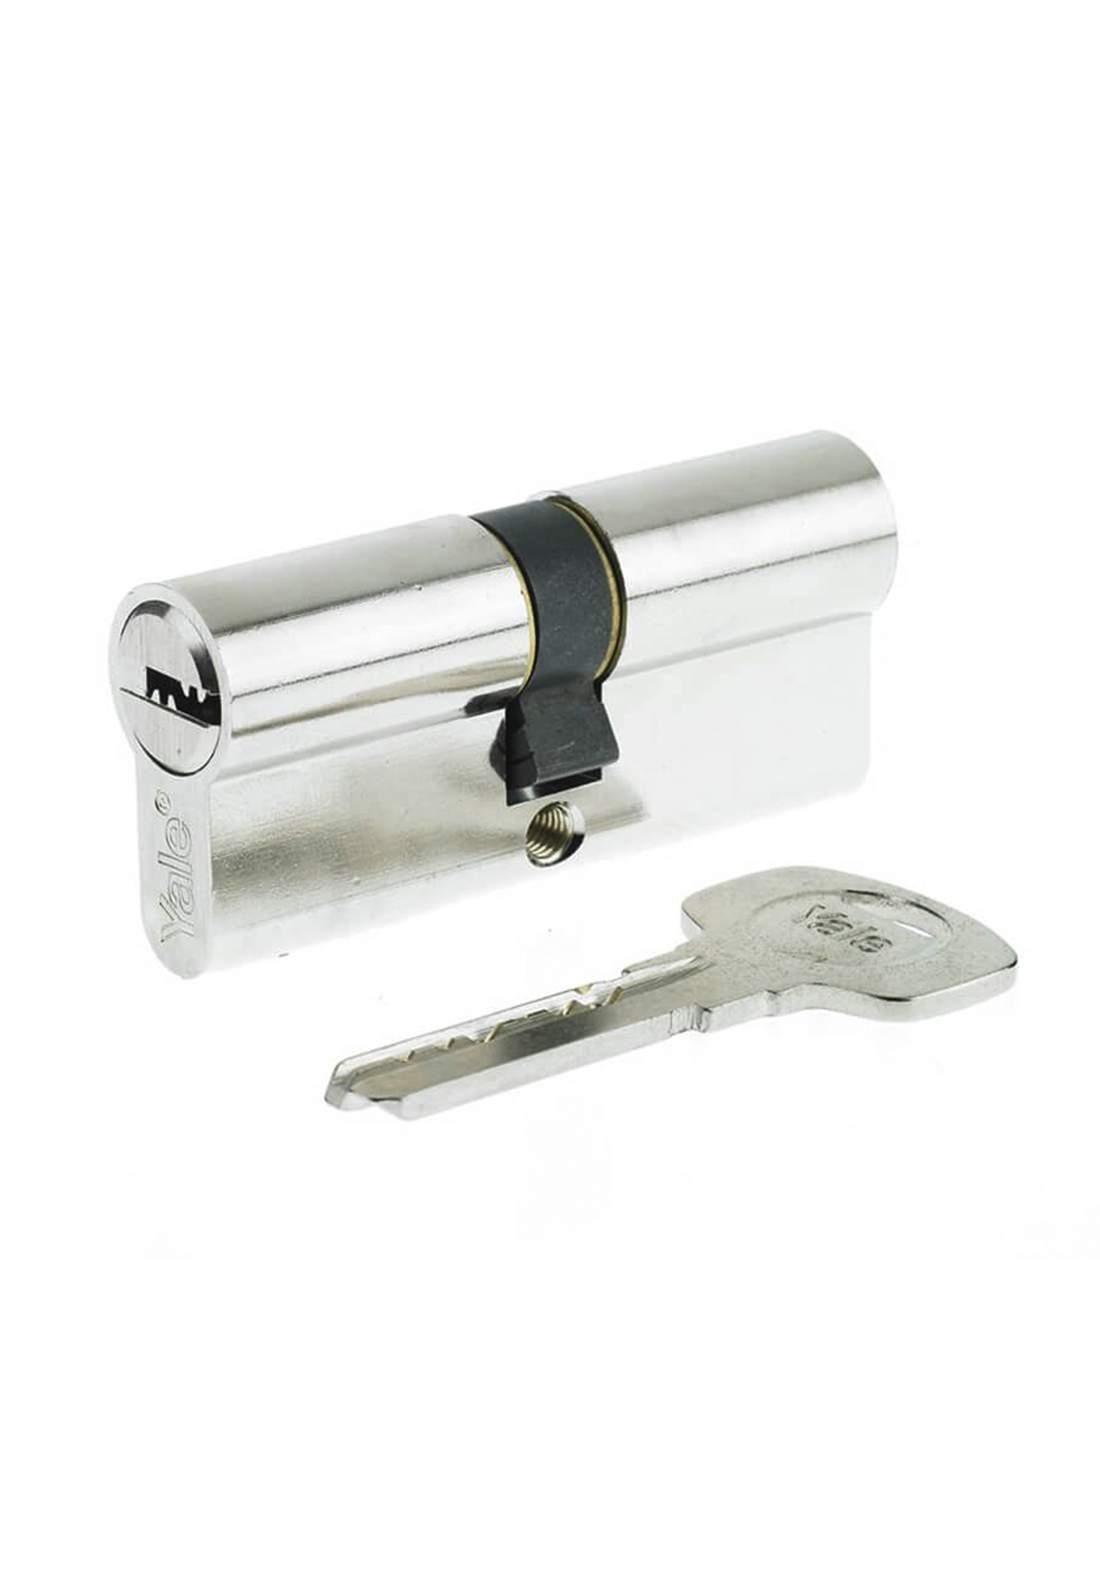 Yale YCY-DK-KK-35-35-NP Nut Machine With 5 Keys   جوزة ماكنة مع 5 مفاتيح حاسبة